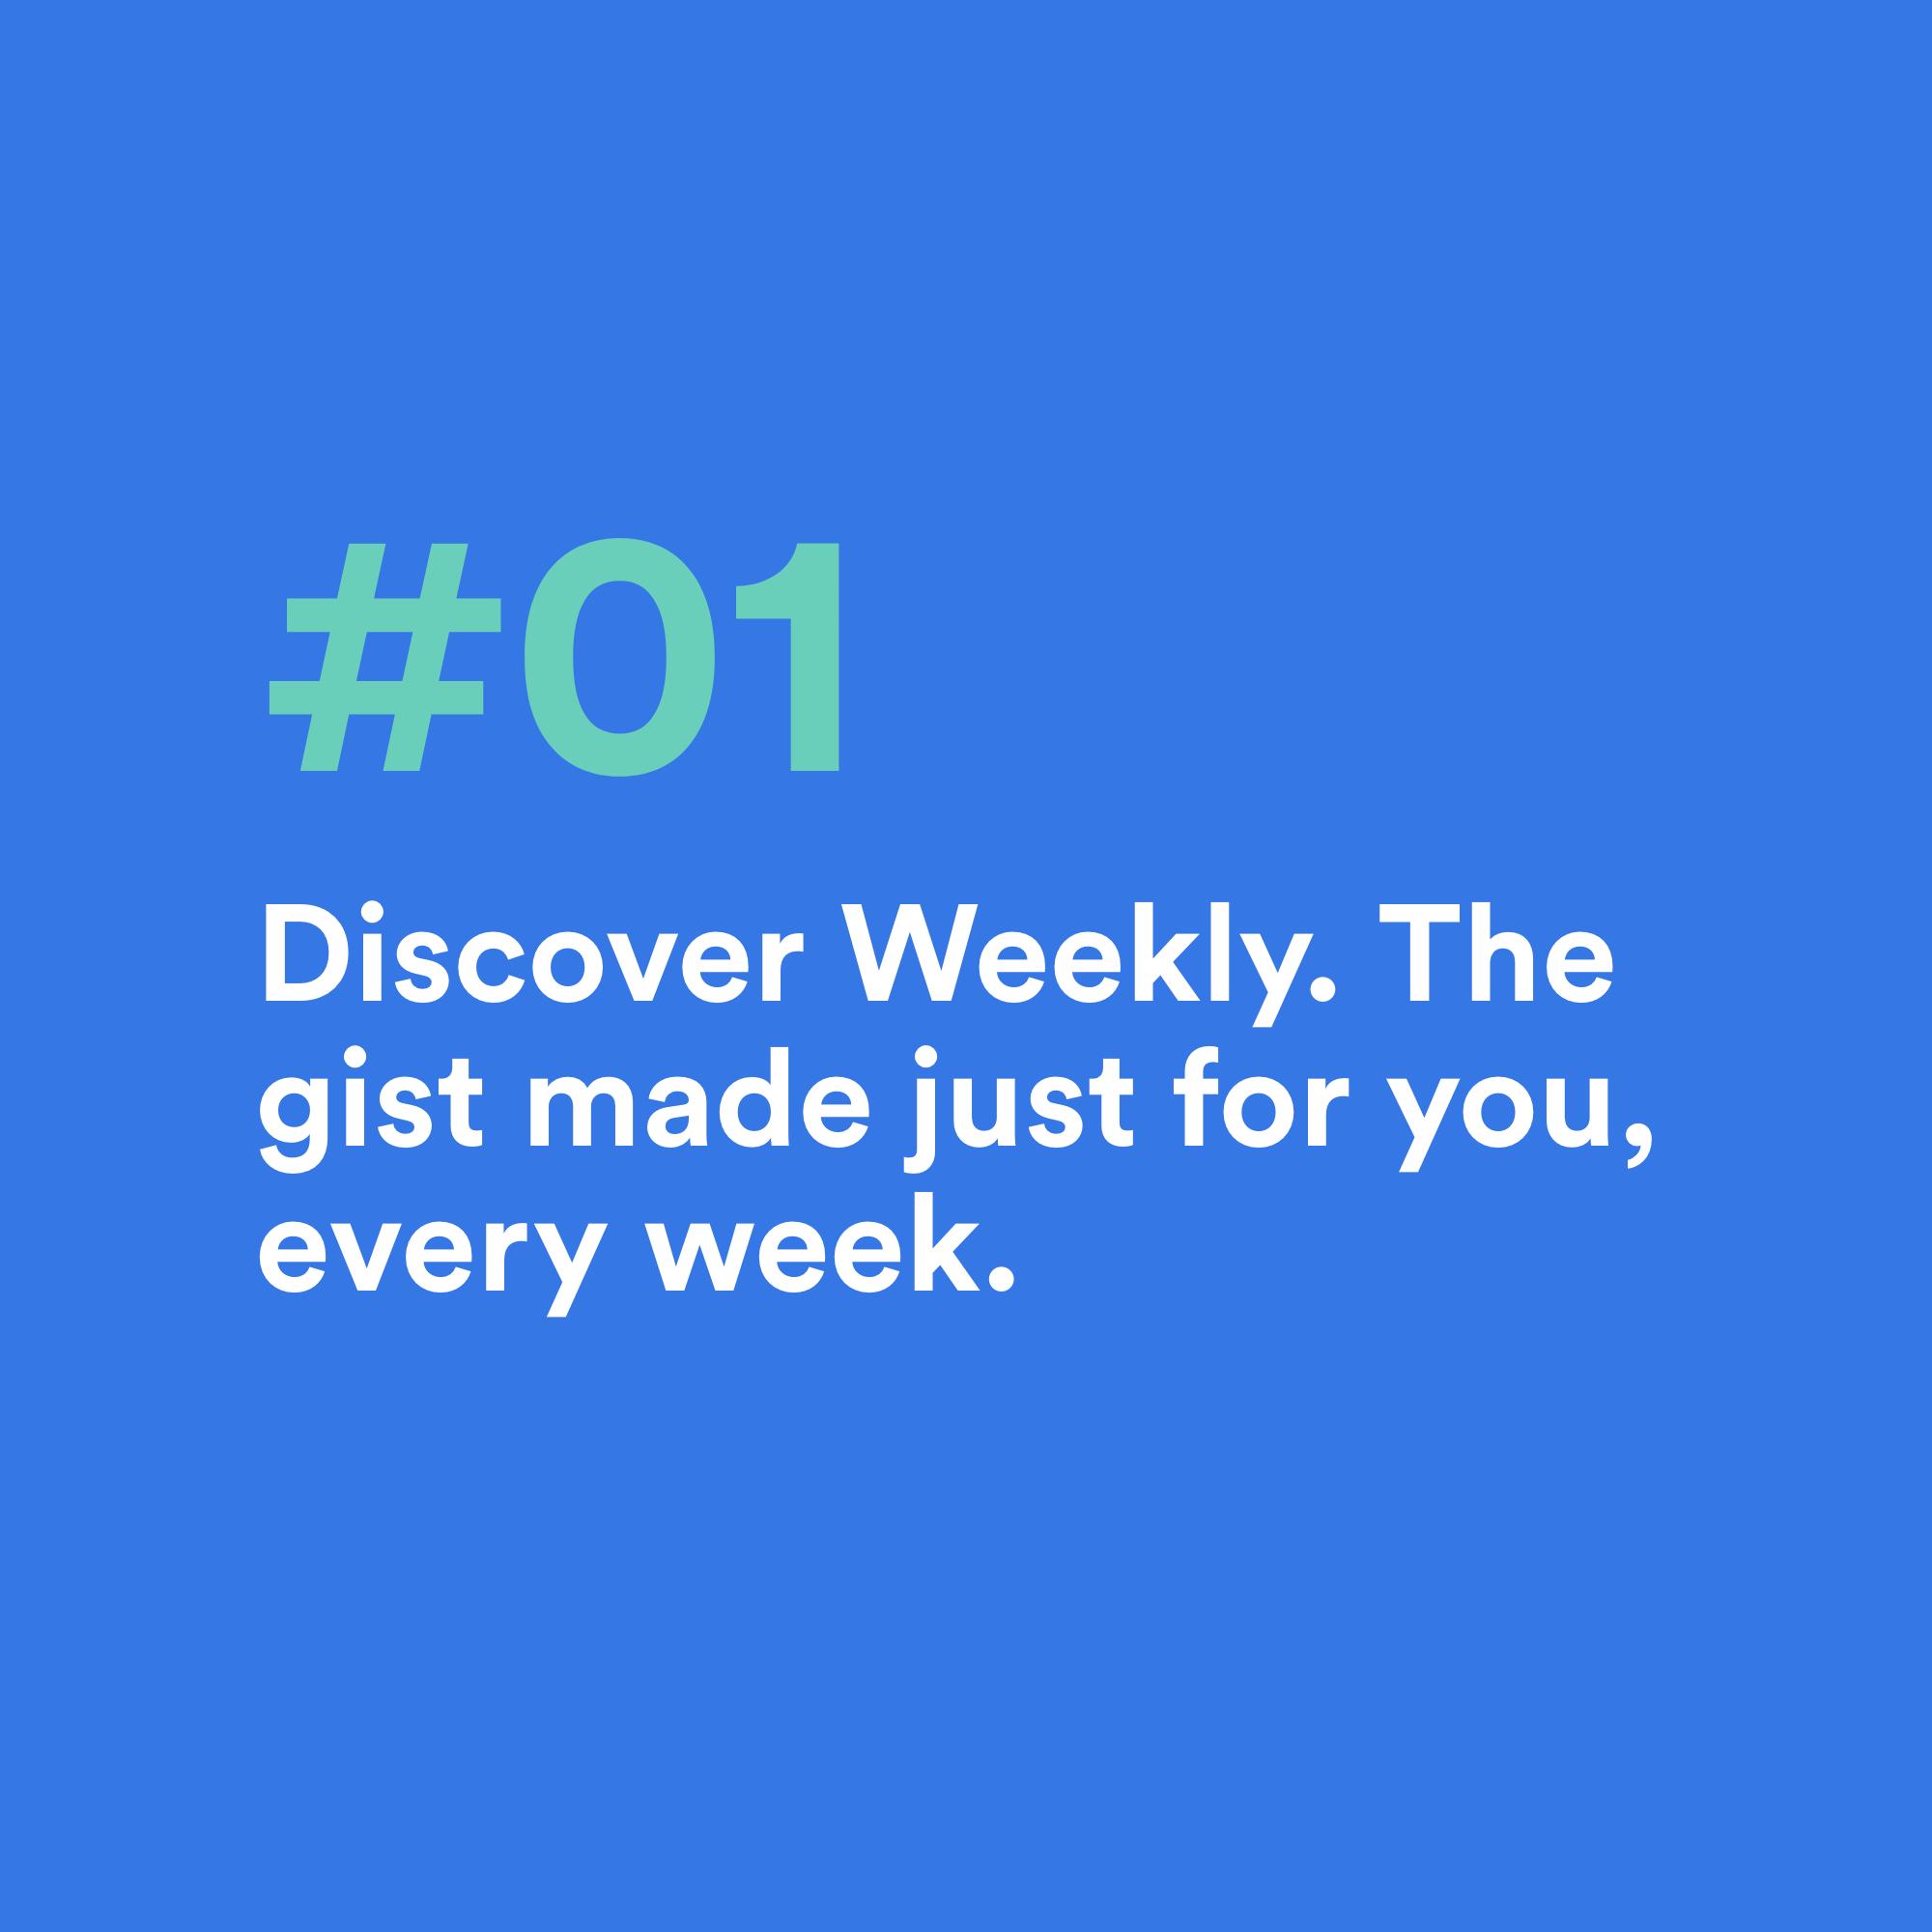 """# 01 – Upptäck varje vecka. """"The Gist"""" gjord bara för dig varje vecka."""